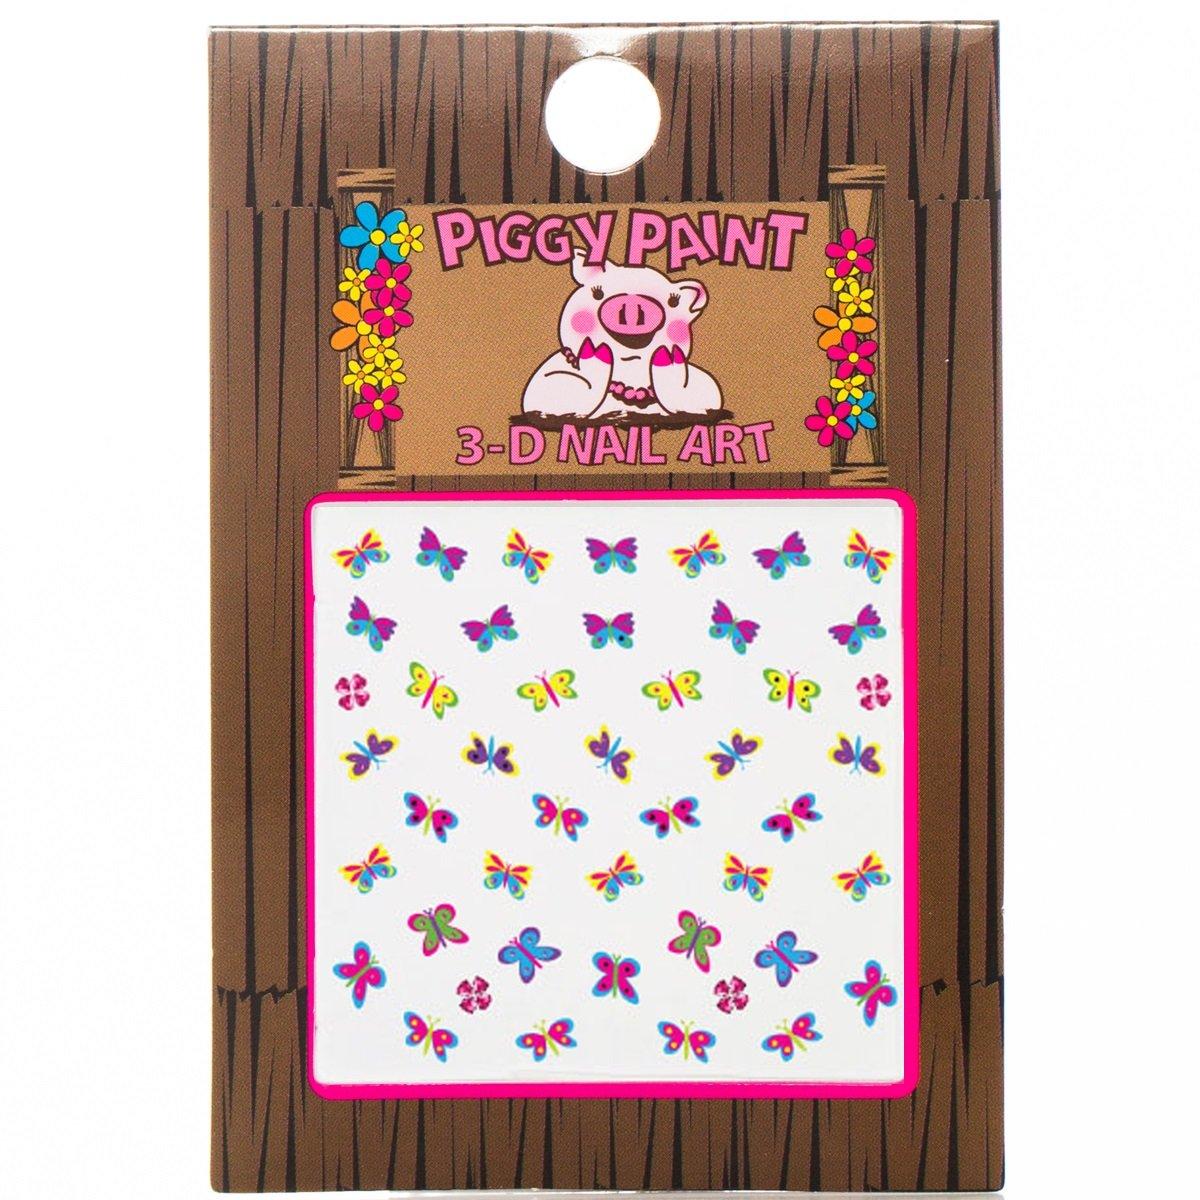 Piggy Paint Butterfly Nail Art, 1 Count 816884011977